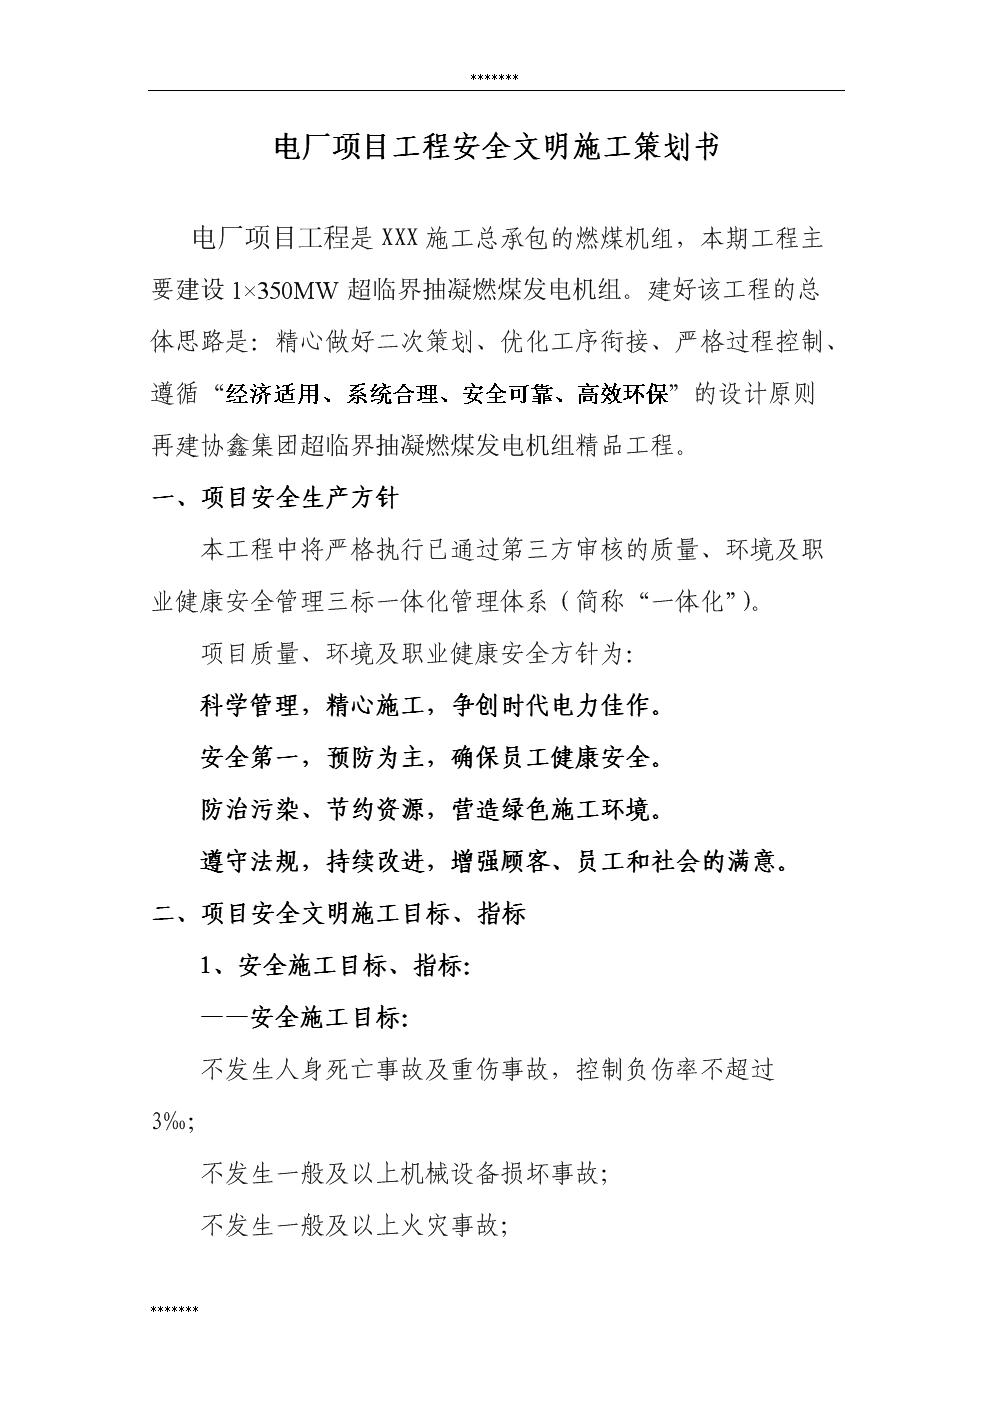 电厂项目工程安全文明施工策划.doc